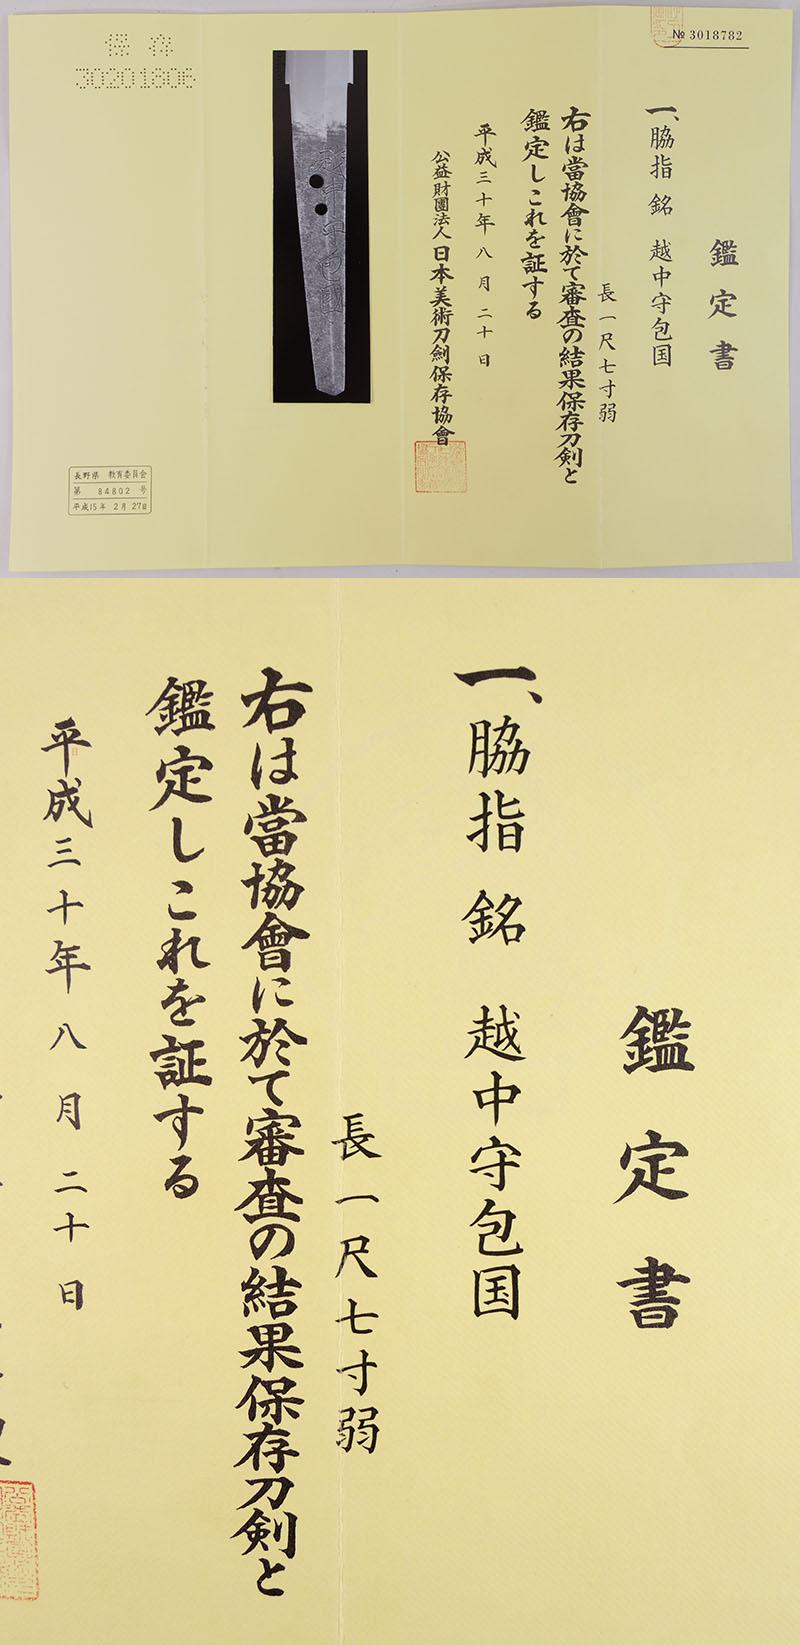 越中守包国 Picture of Certificate